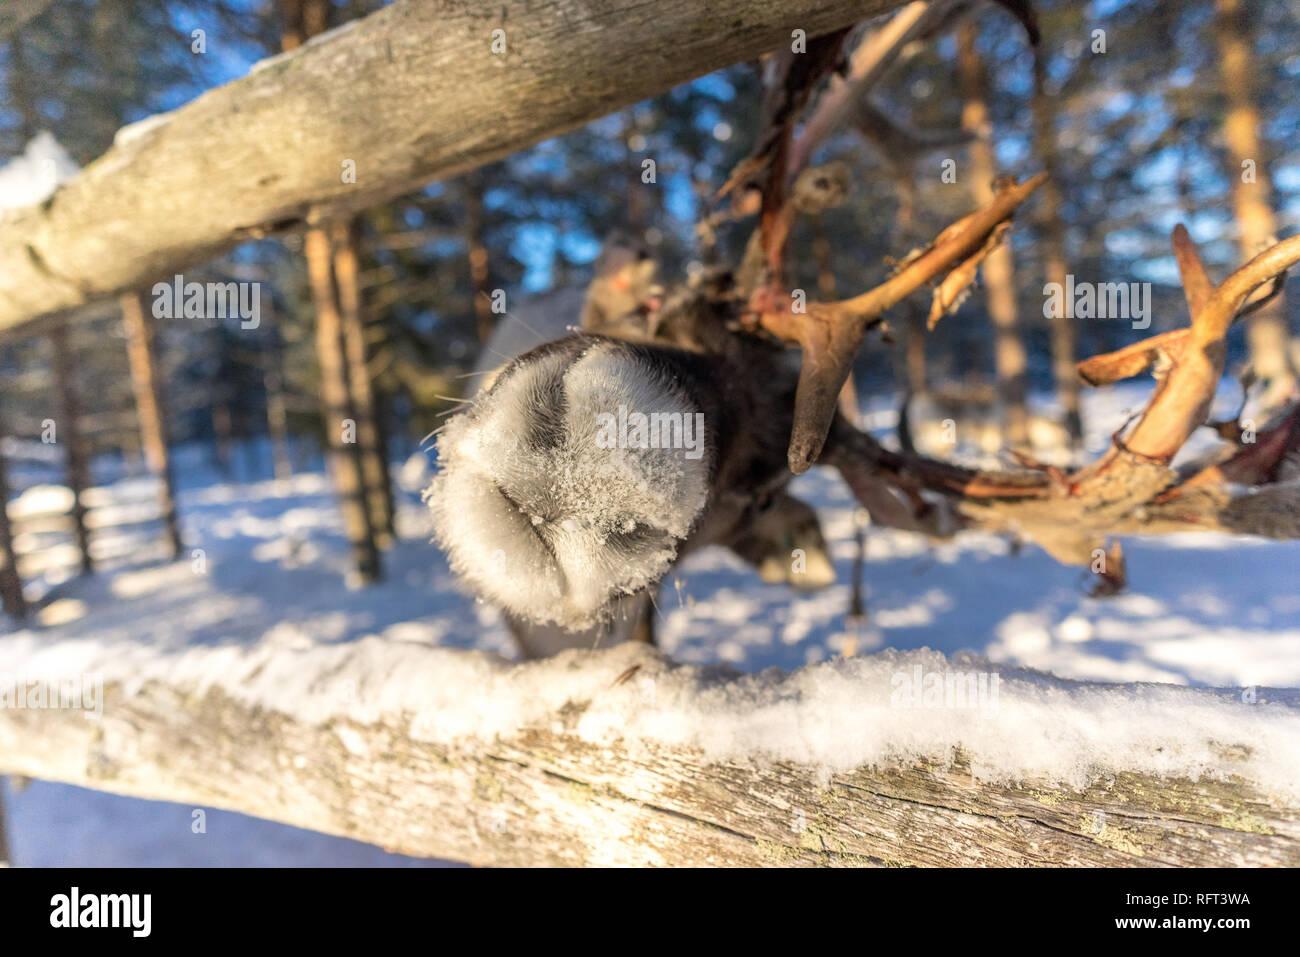 Un curieux se moque de rennes c'est nez dans un boîtier à Kopara Parc des rennes, Laponie, Finlande. Banque D'Images